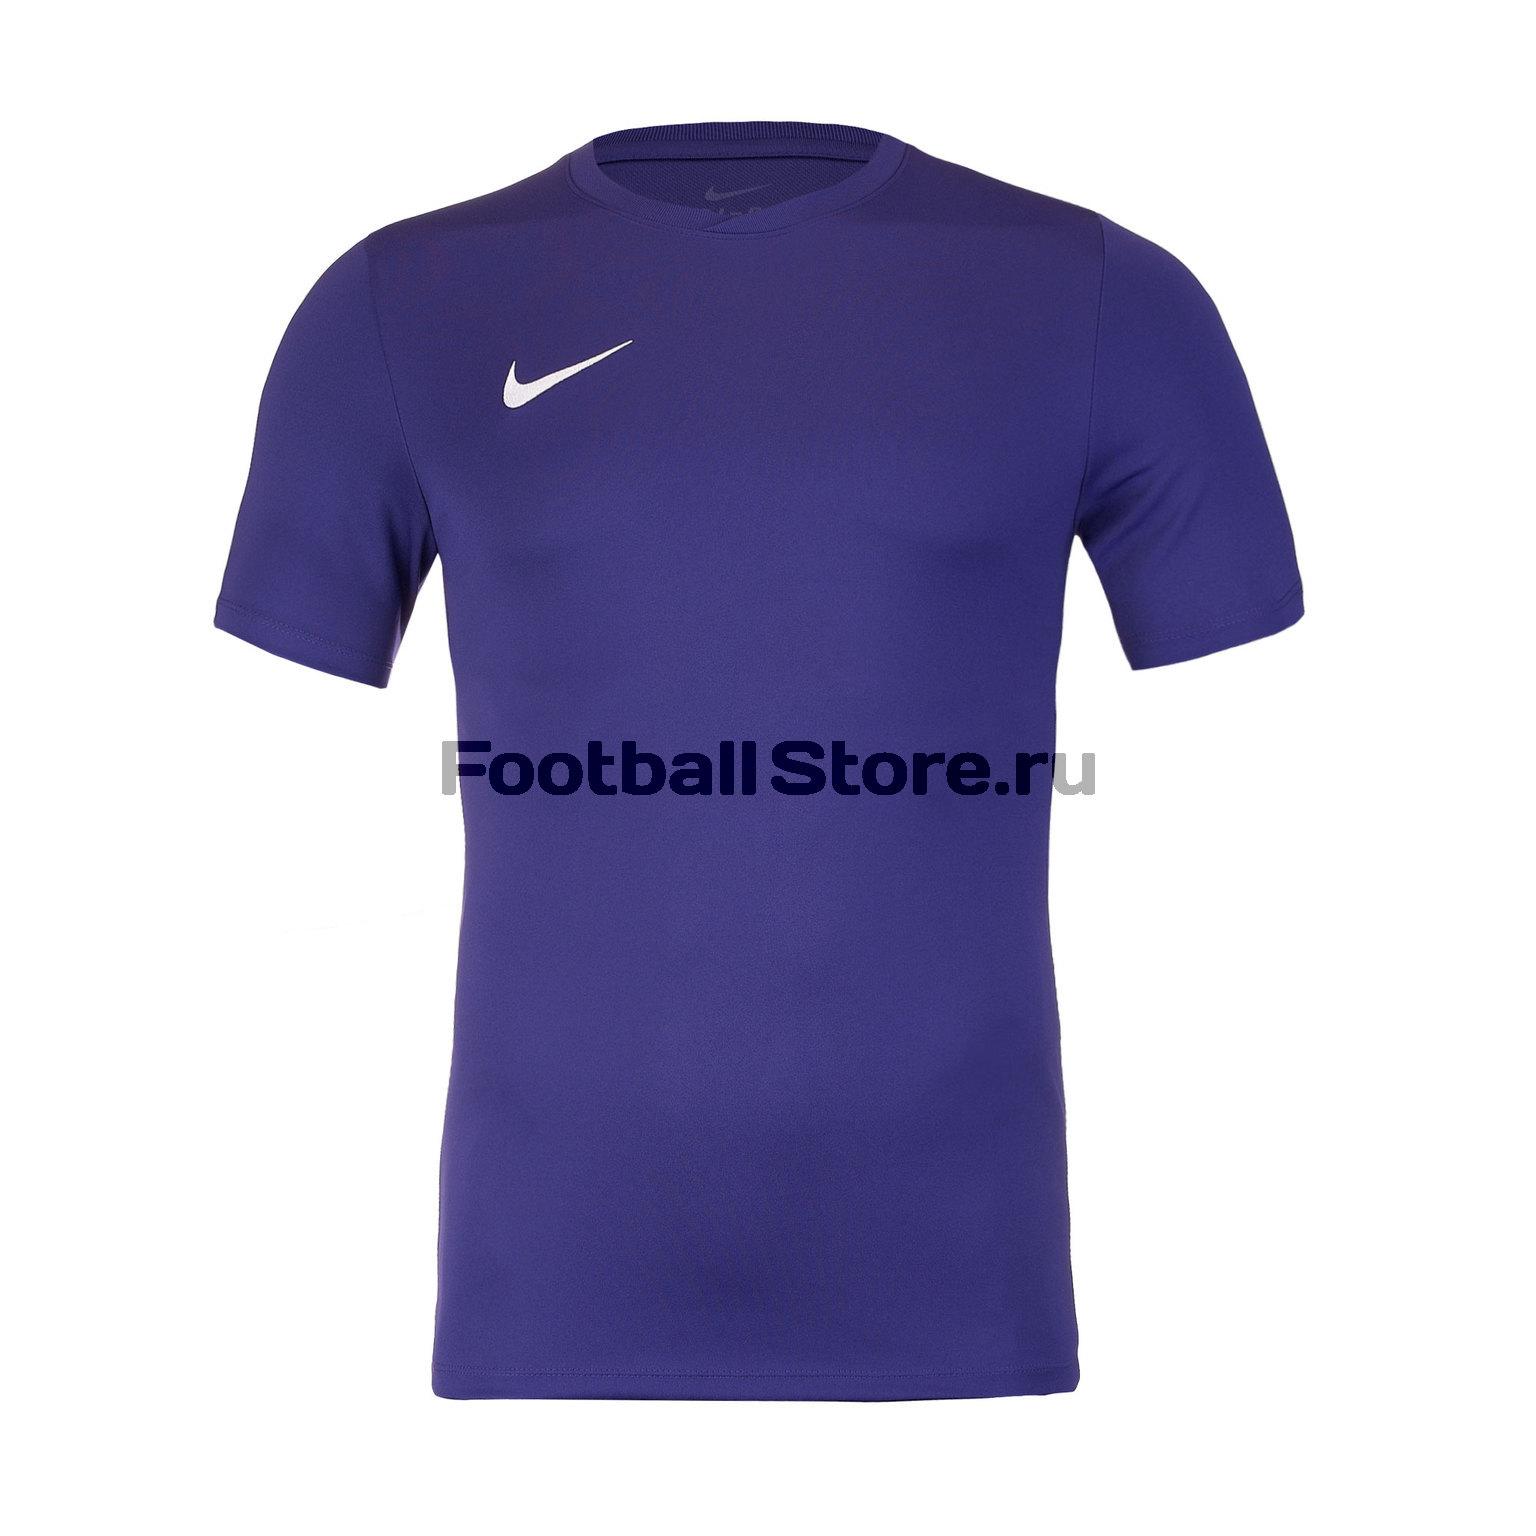 Футболка Nike Park VI JSY 725891-547 vicor vi 263 14